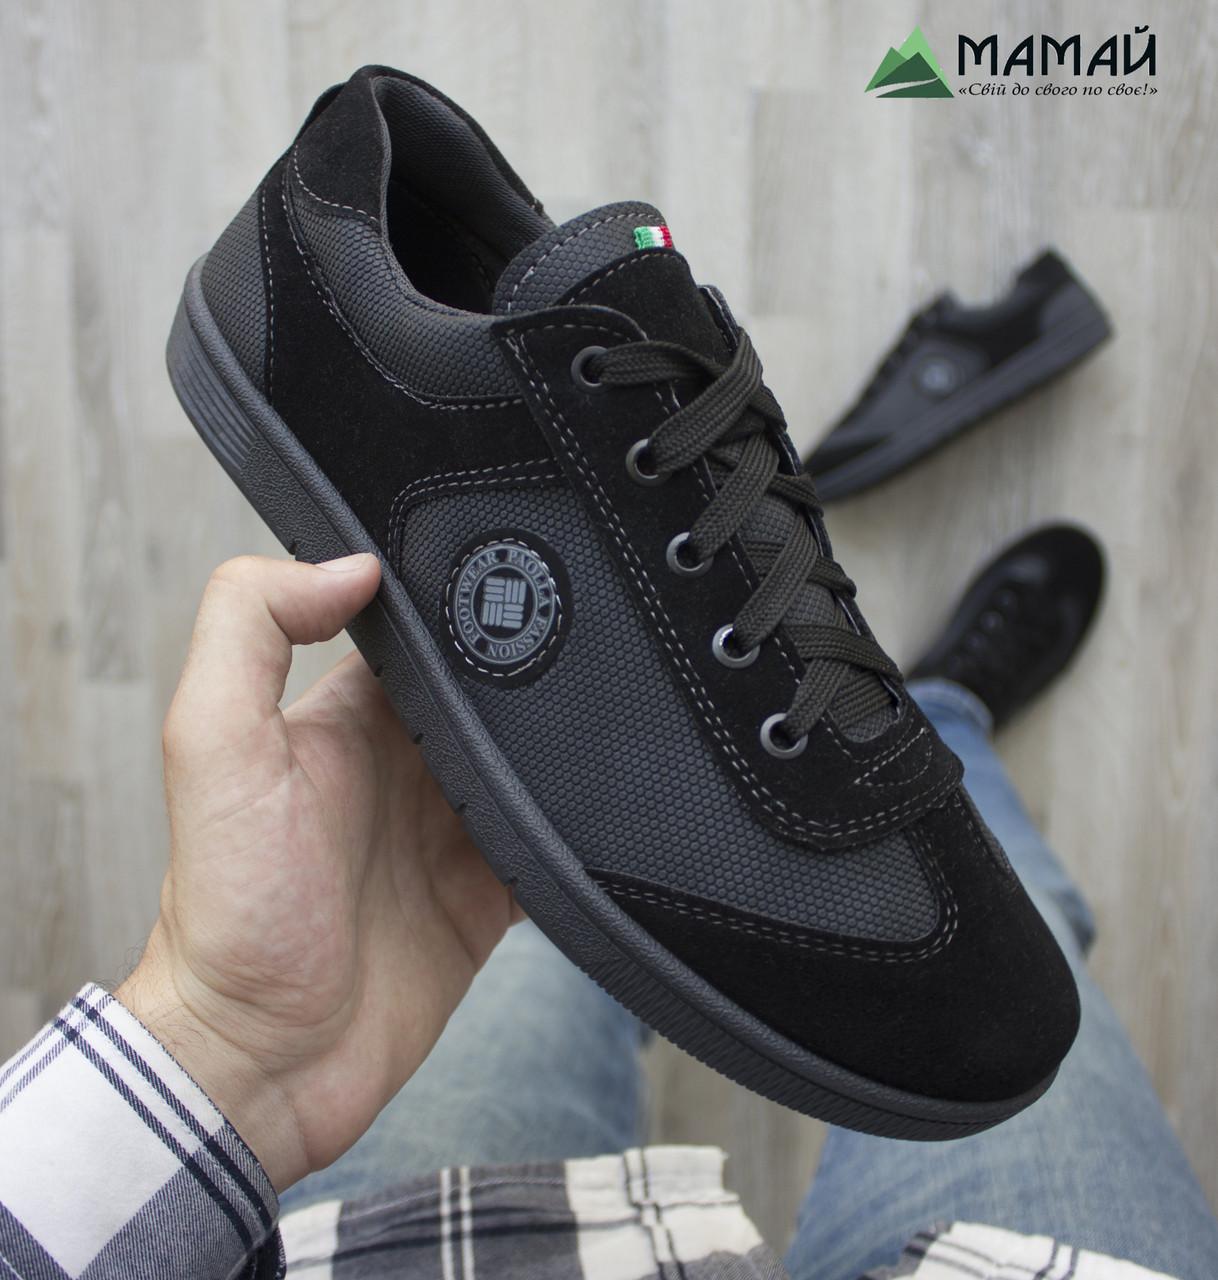 2c7139b5fbe1b1 Кросівки кеди чоловічі чорні - Інтернет-магазин дешевого взуття в Львове